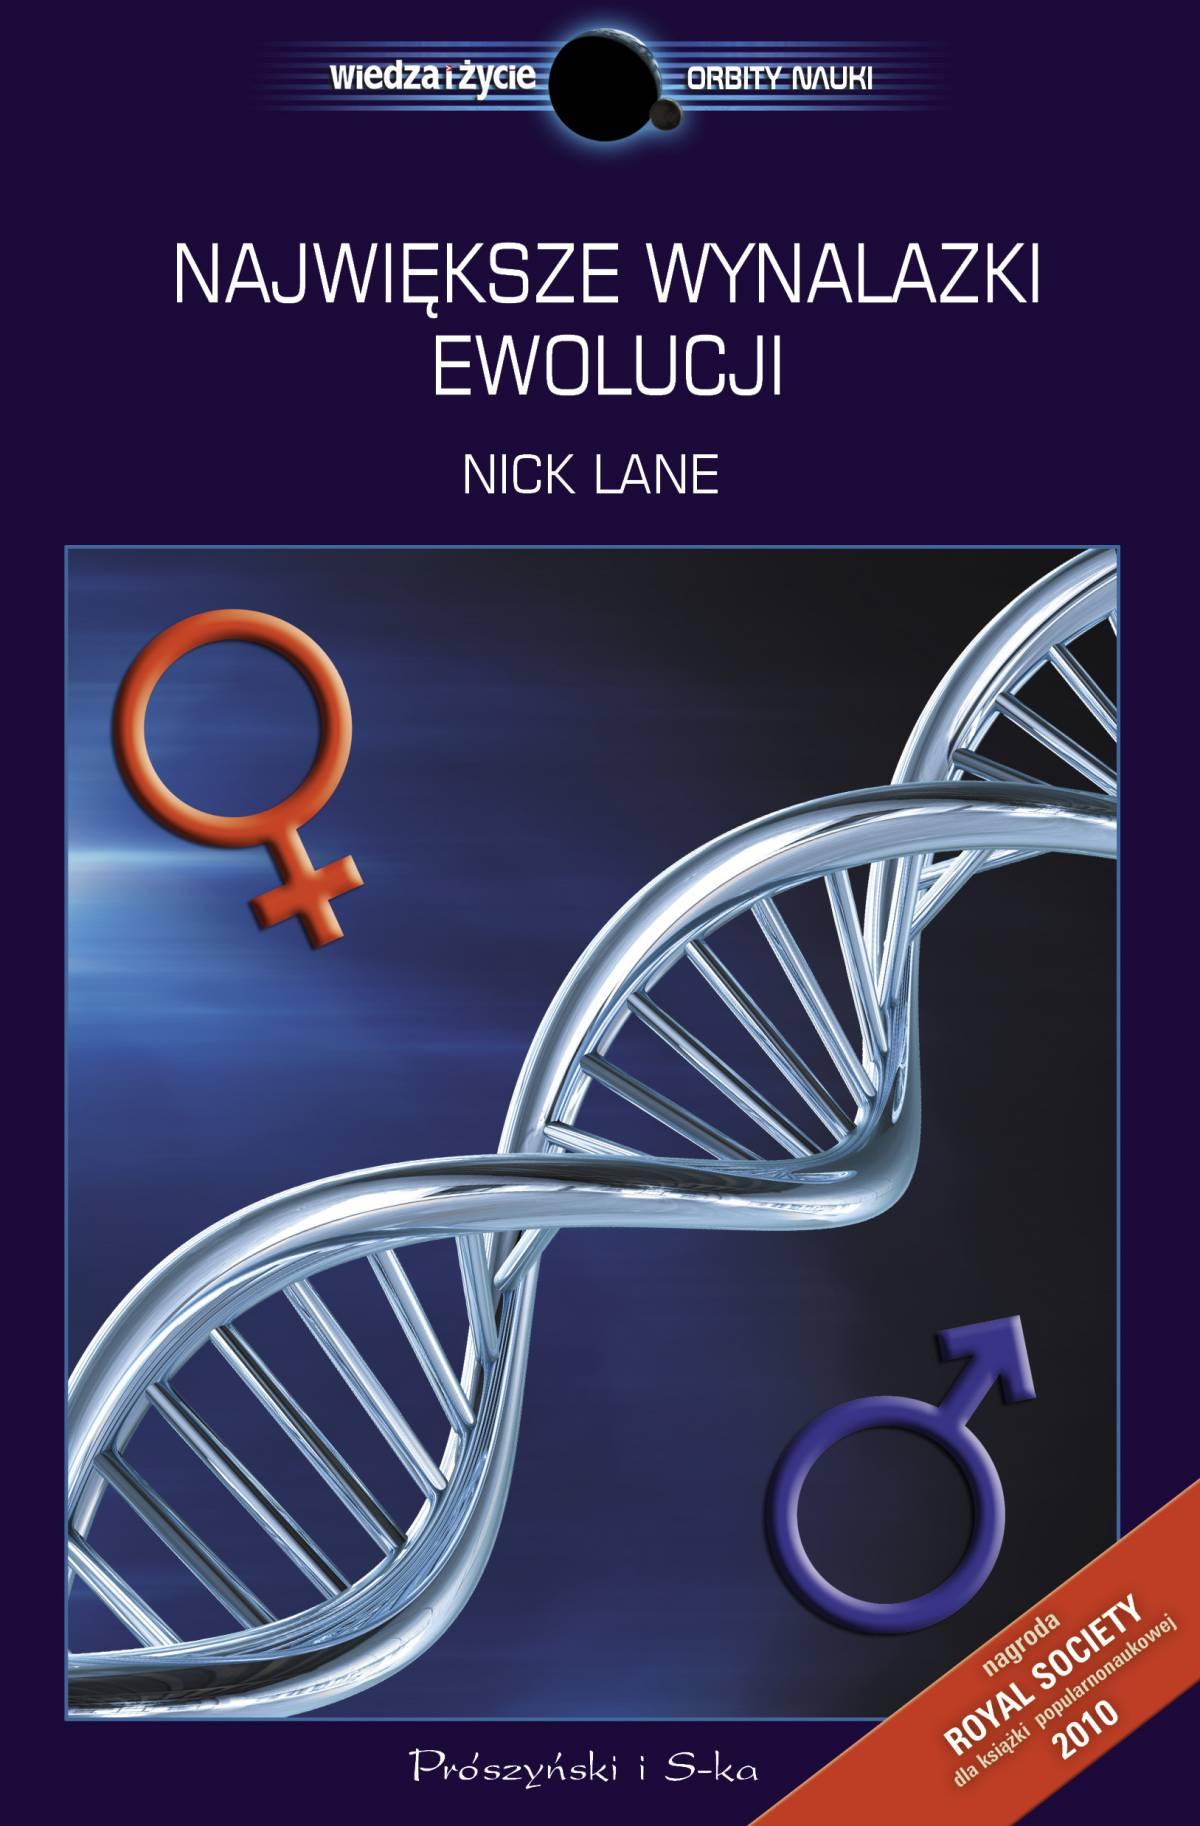 Największe wynalazki ewolucji - Ebook (Książka EPUB) do pobrania w formacie EPUB